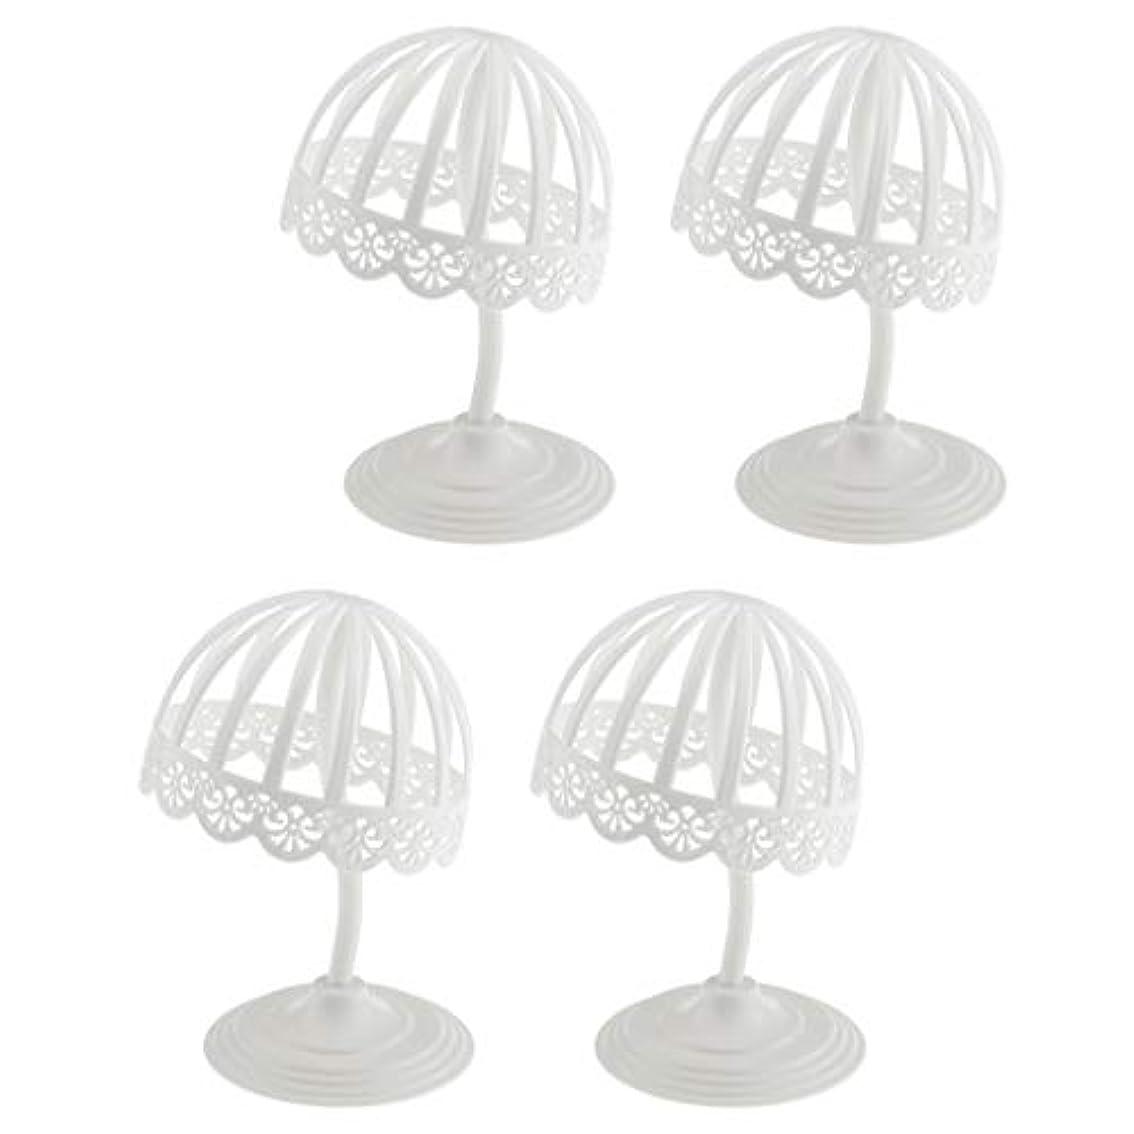 巻き取り報酬のまともなPerfeclan 4個セット ウィッグ スタンド 帽子 収納 ディスプレイ ホルダー プラスチック製 ホワイト